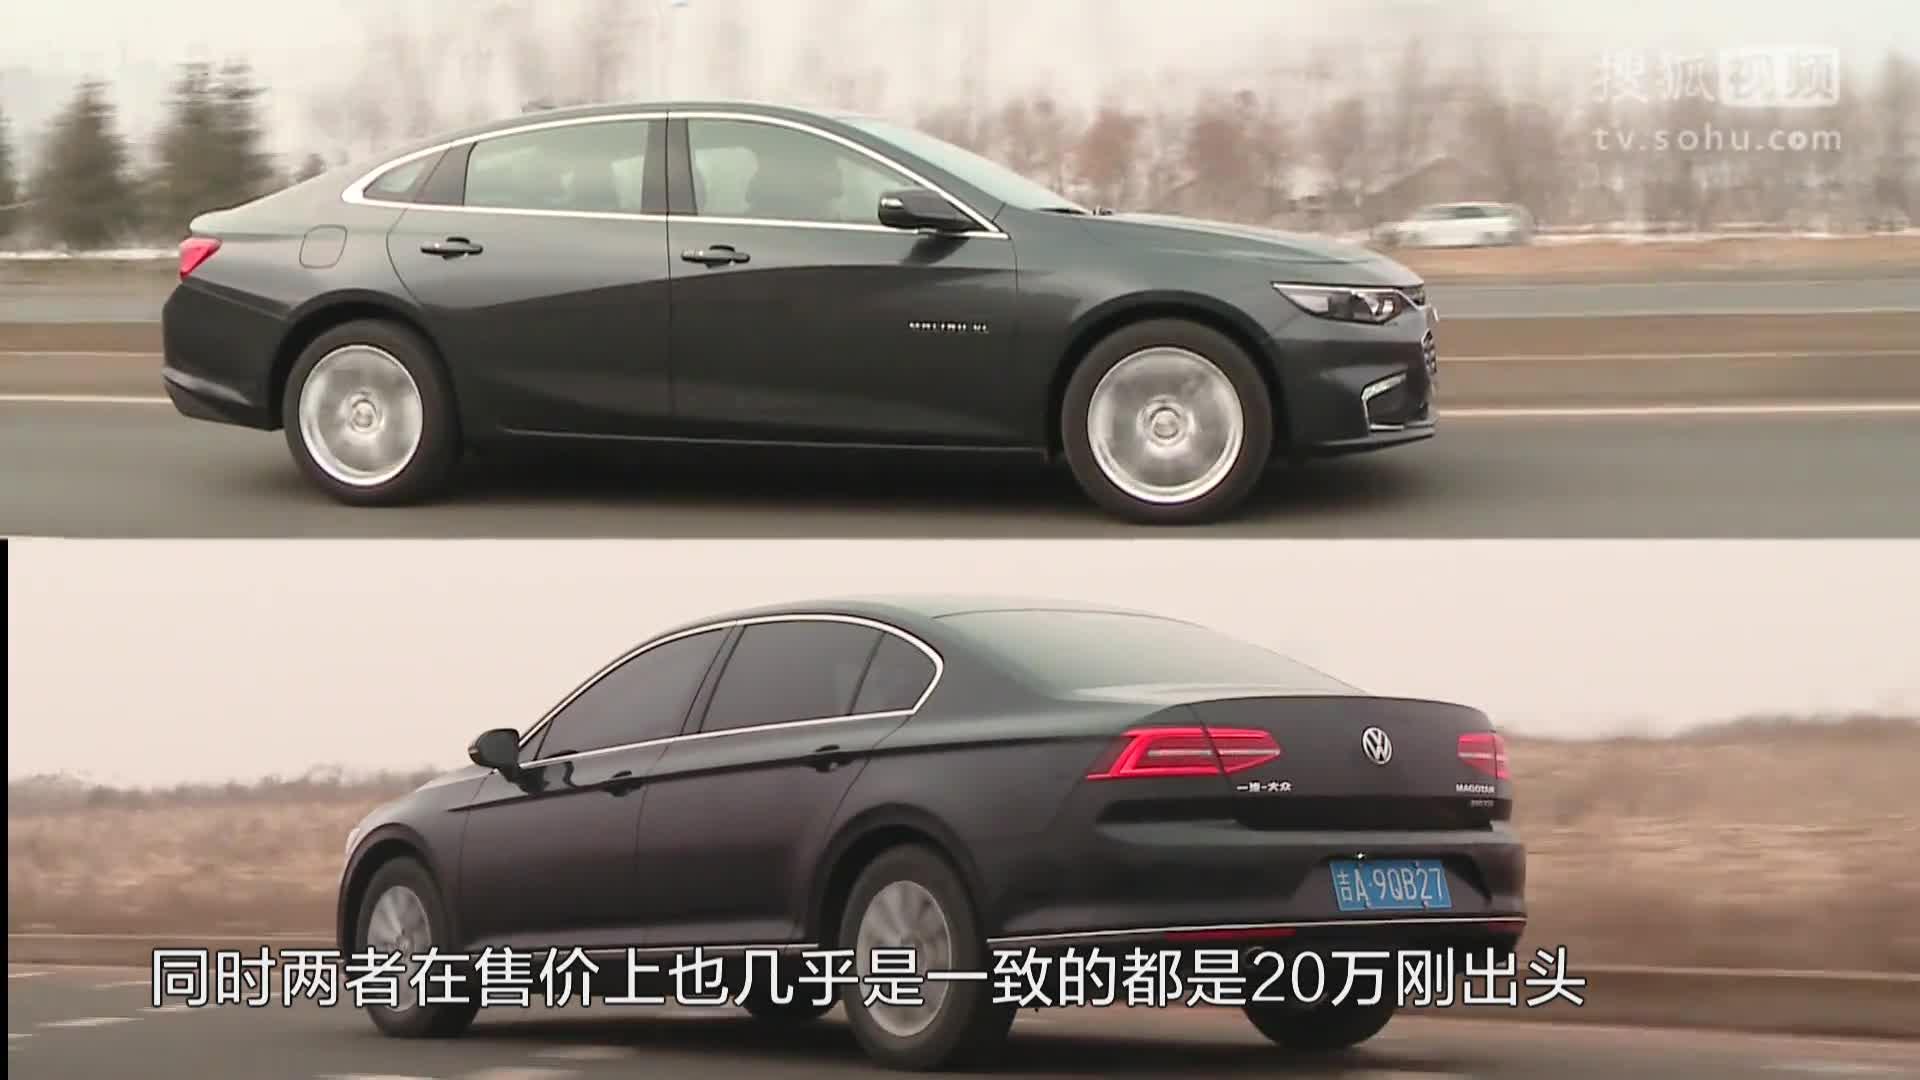 车tt最强中级车对比-迈锐宝xl vs 迈腾(二)